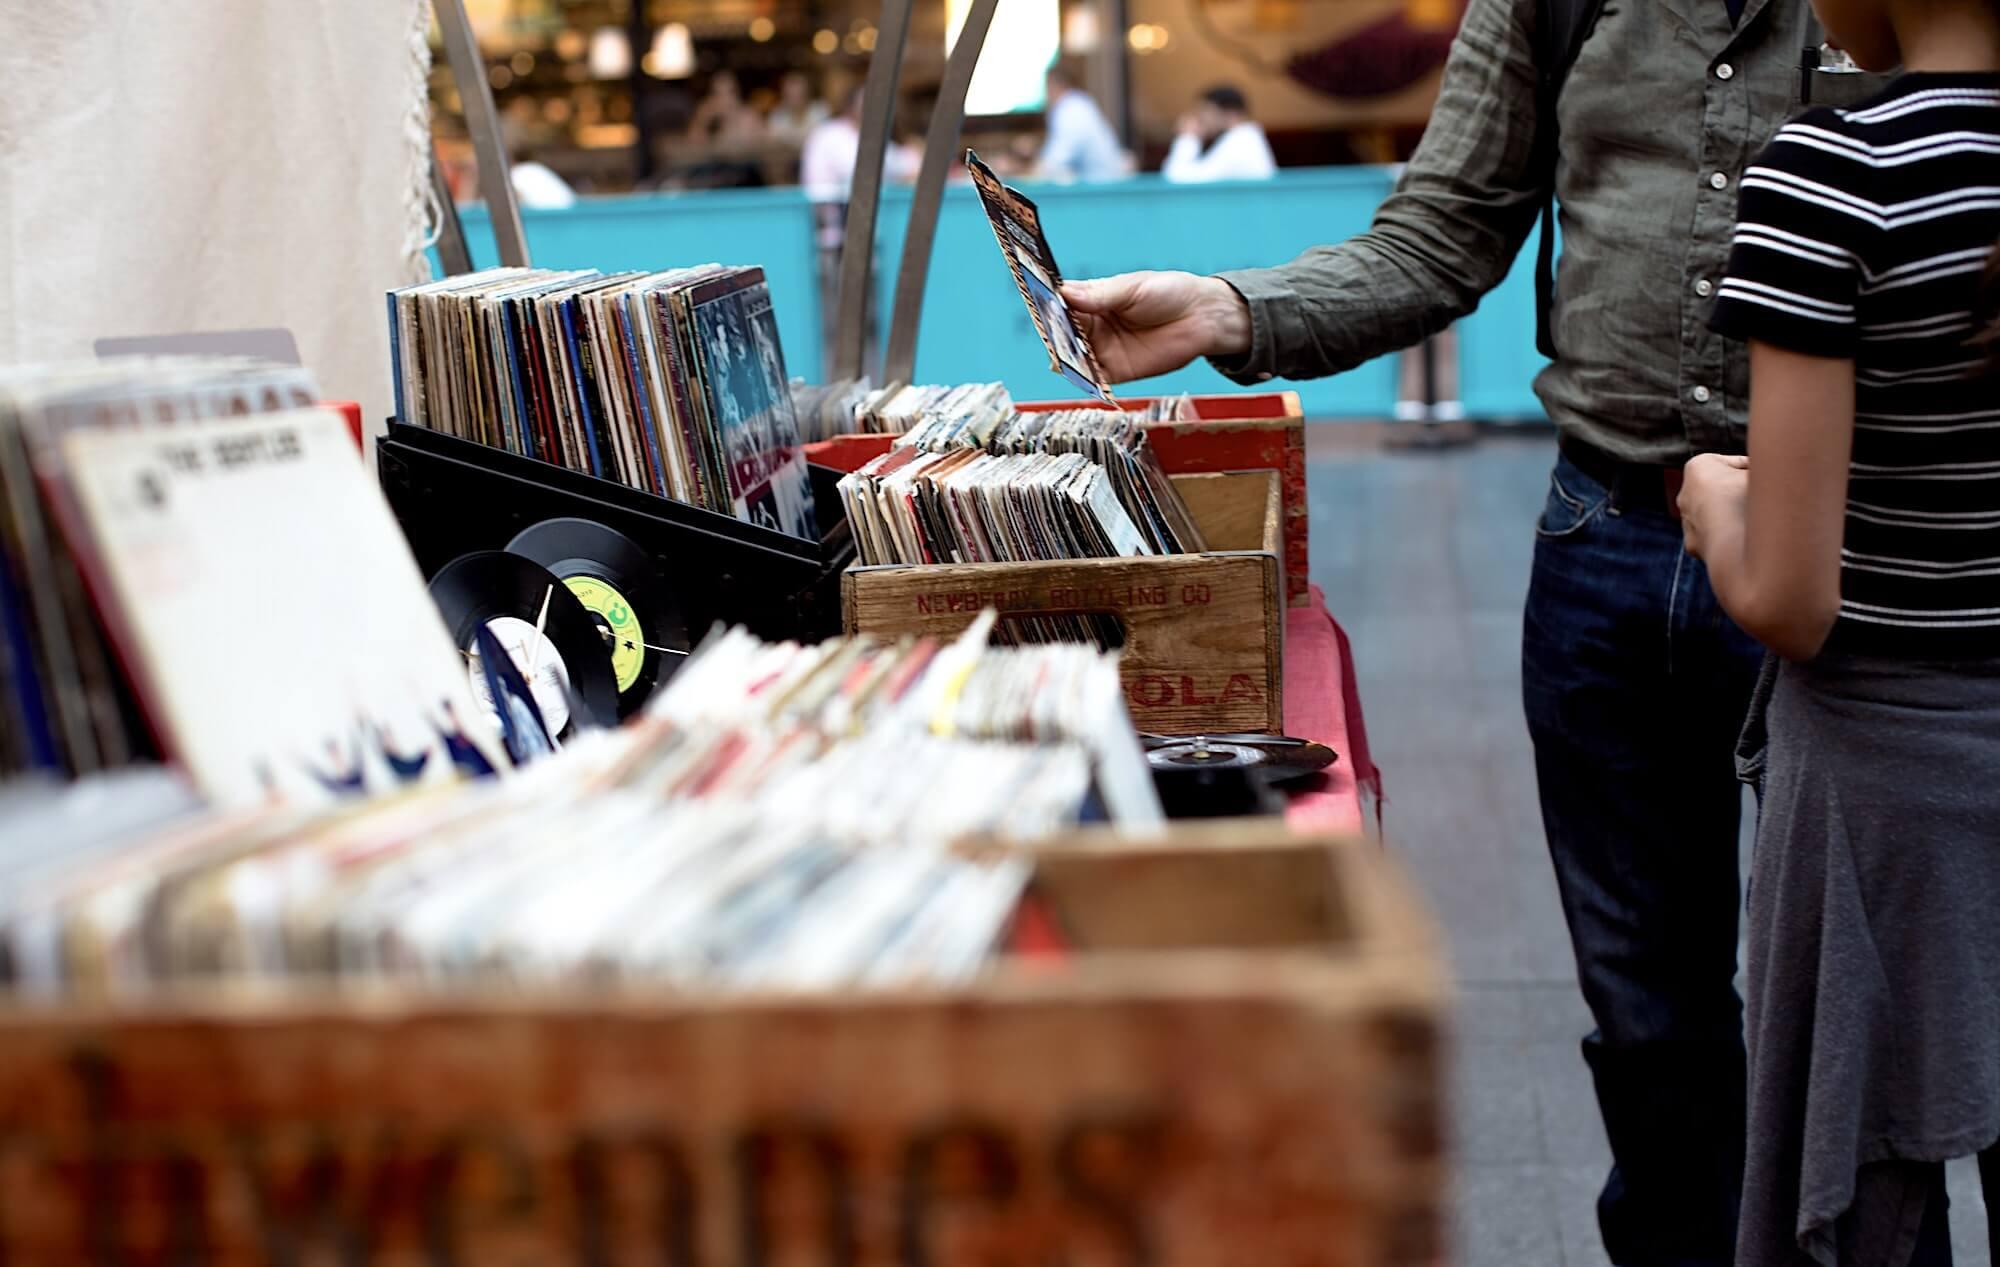 Фотография: Artificial Photography. Источник: Unsplash.com